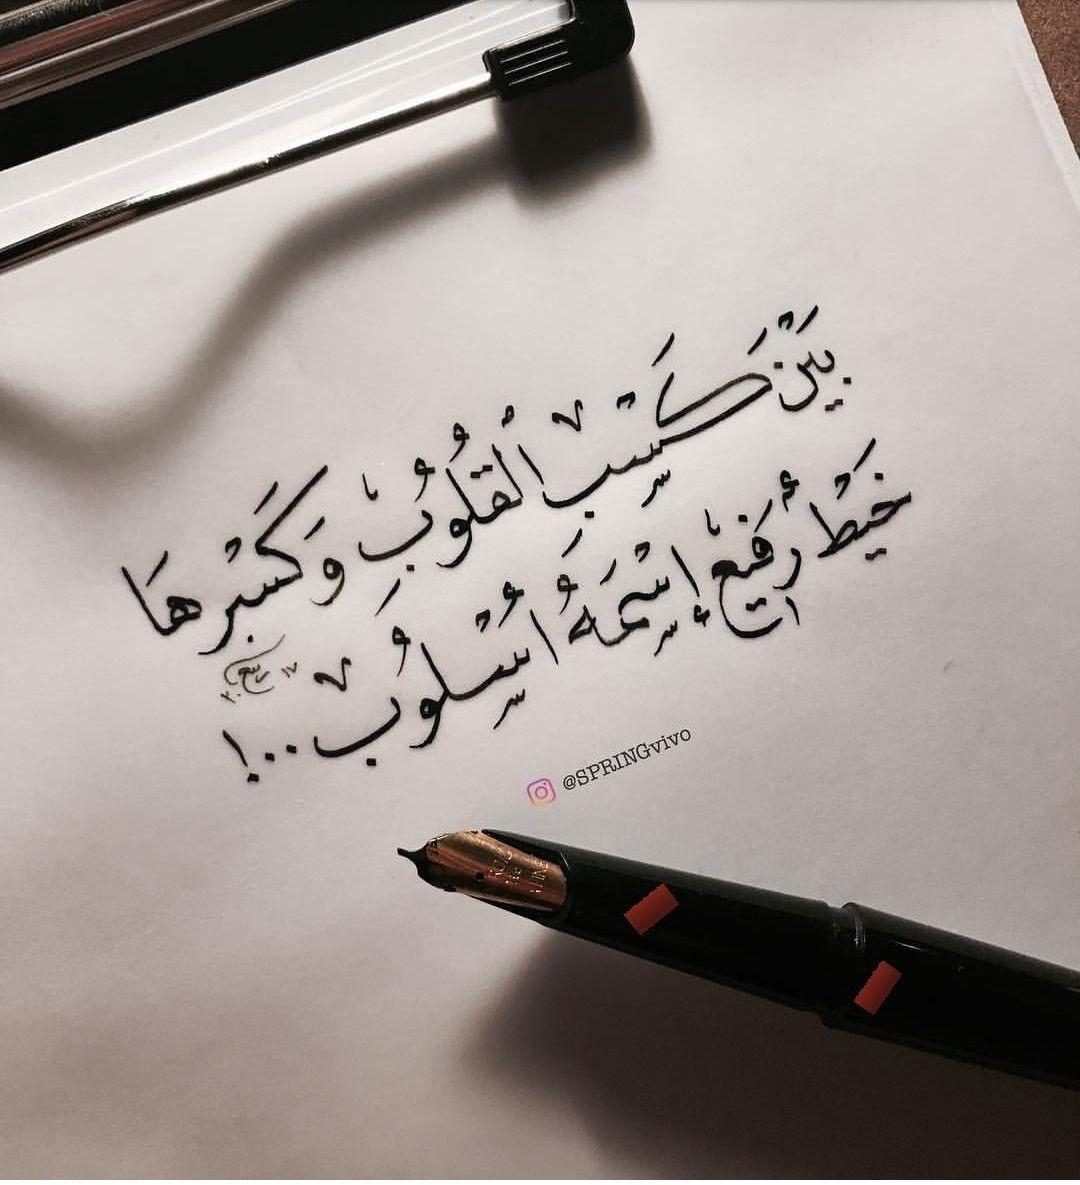 عشق و حب Calligraphy Quotes Love Words Quotes Cool Words